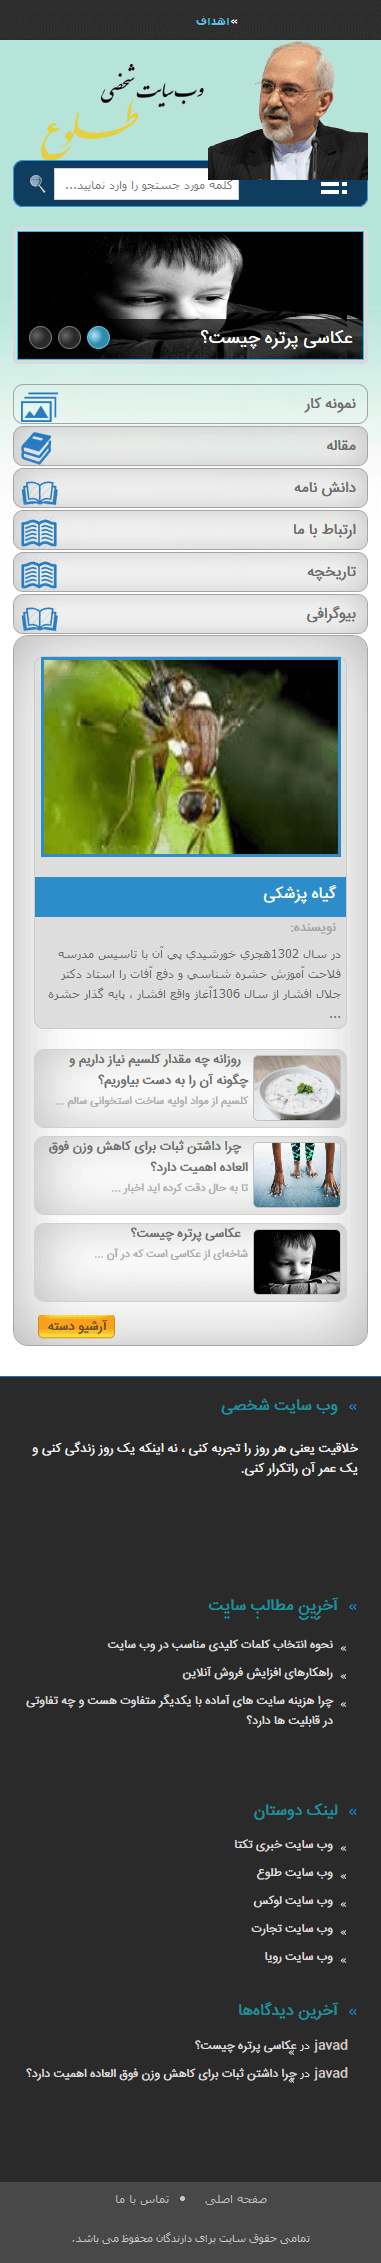 تصویر سایت خبری طلوع در حالت موبایل